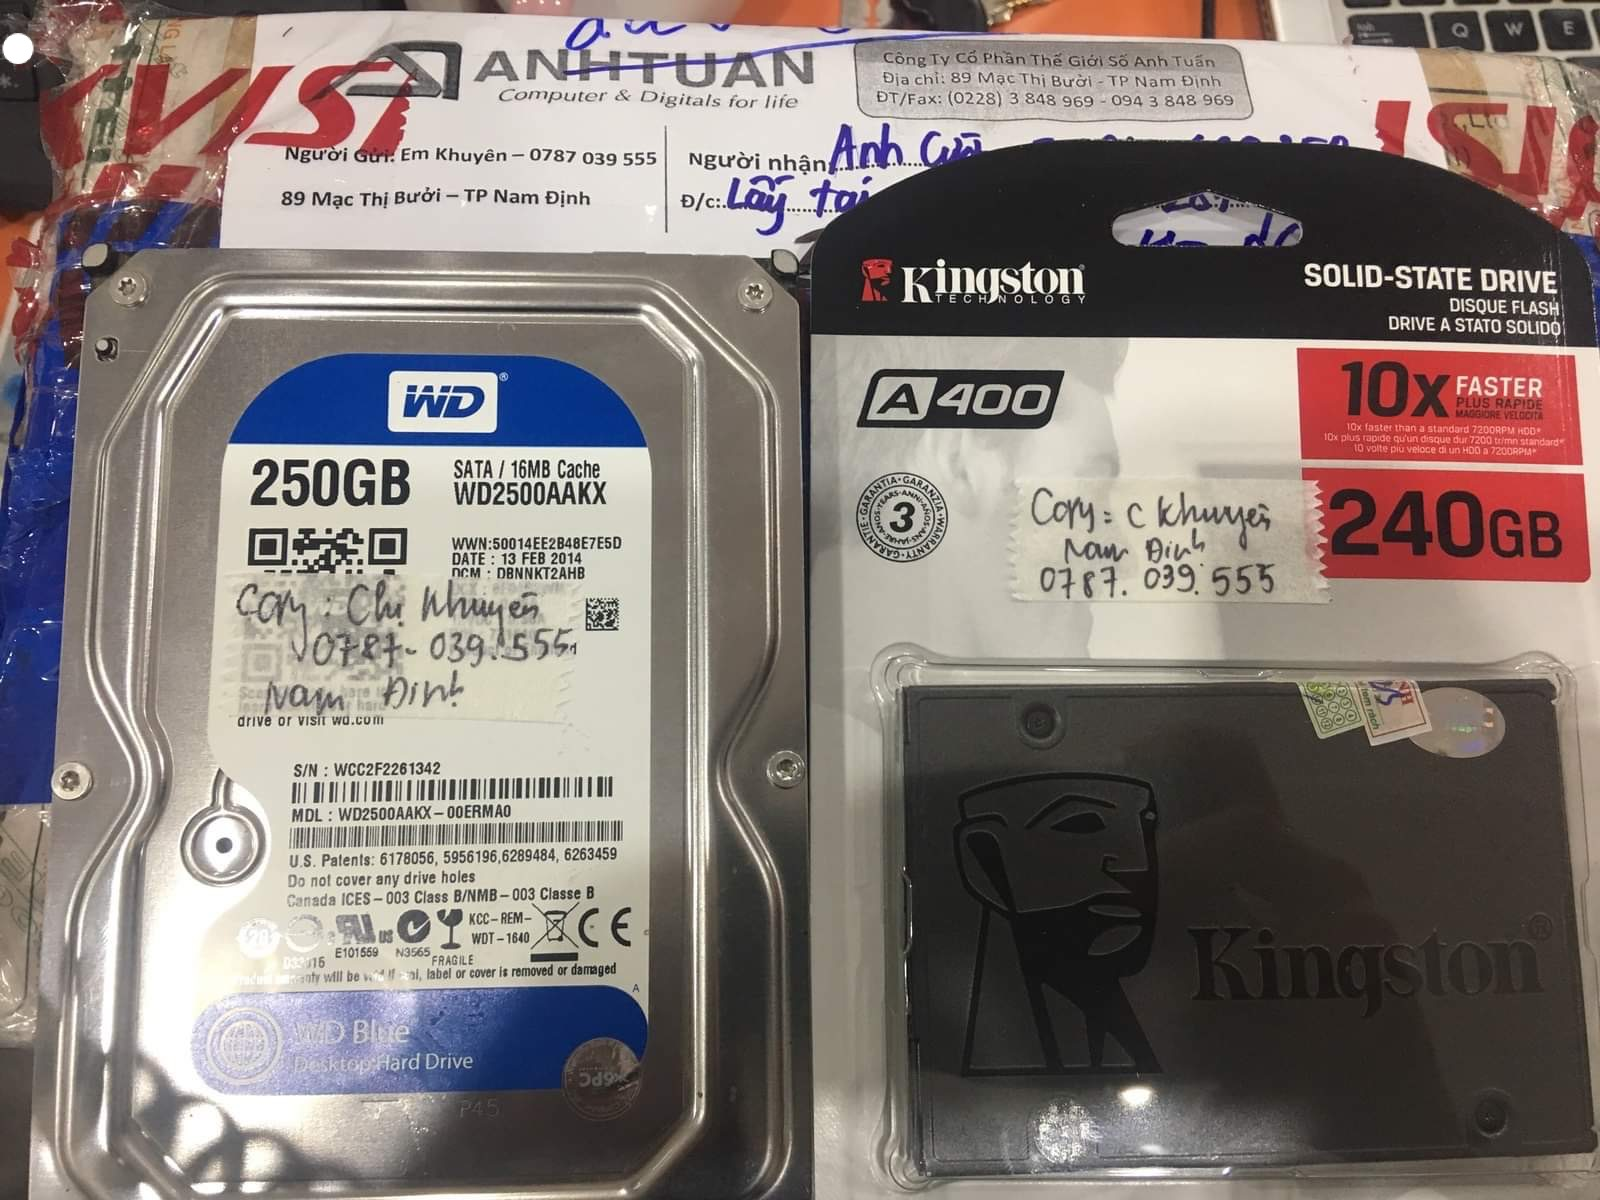 Cứu dữ liệu ổ cứng Western 250GB đầu đọc kém tai Nam Dinh 02/10/2020 - cuumaytinh